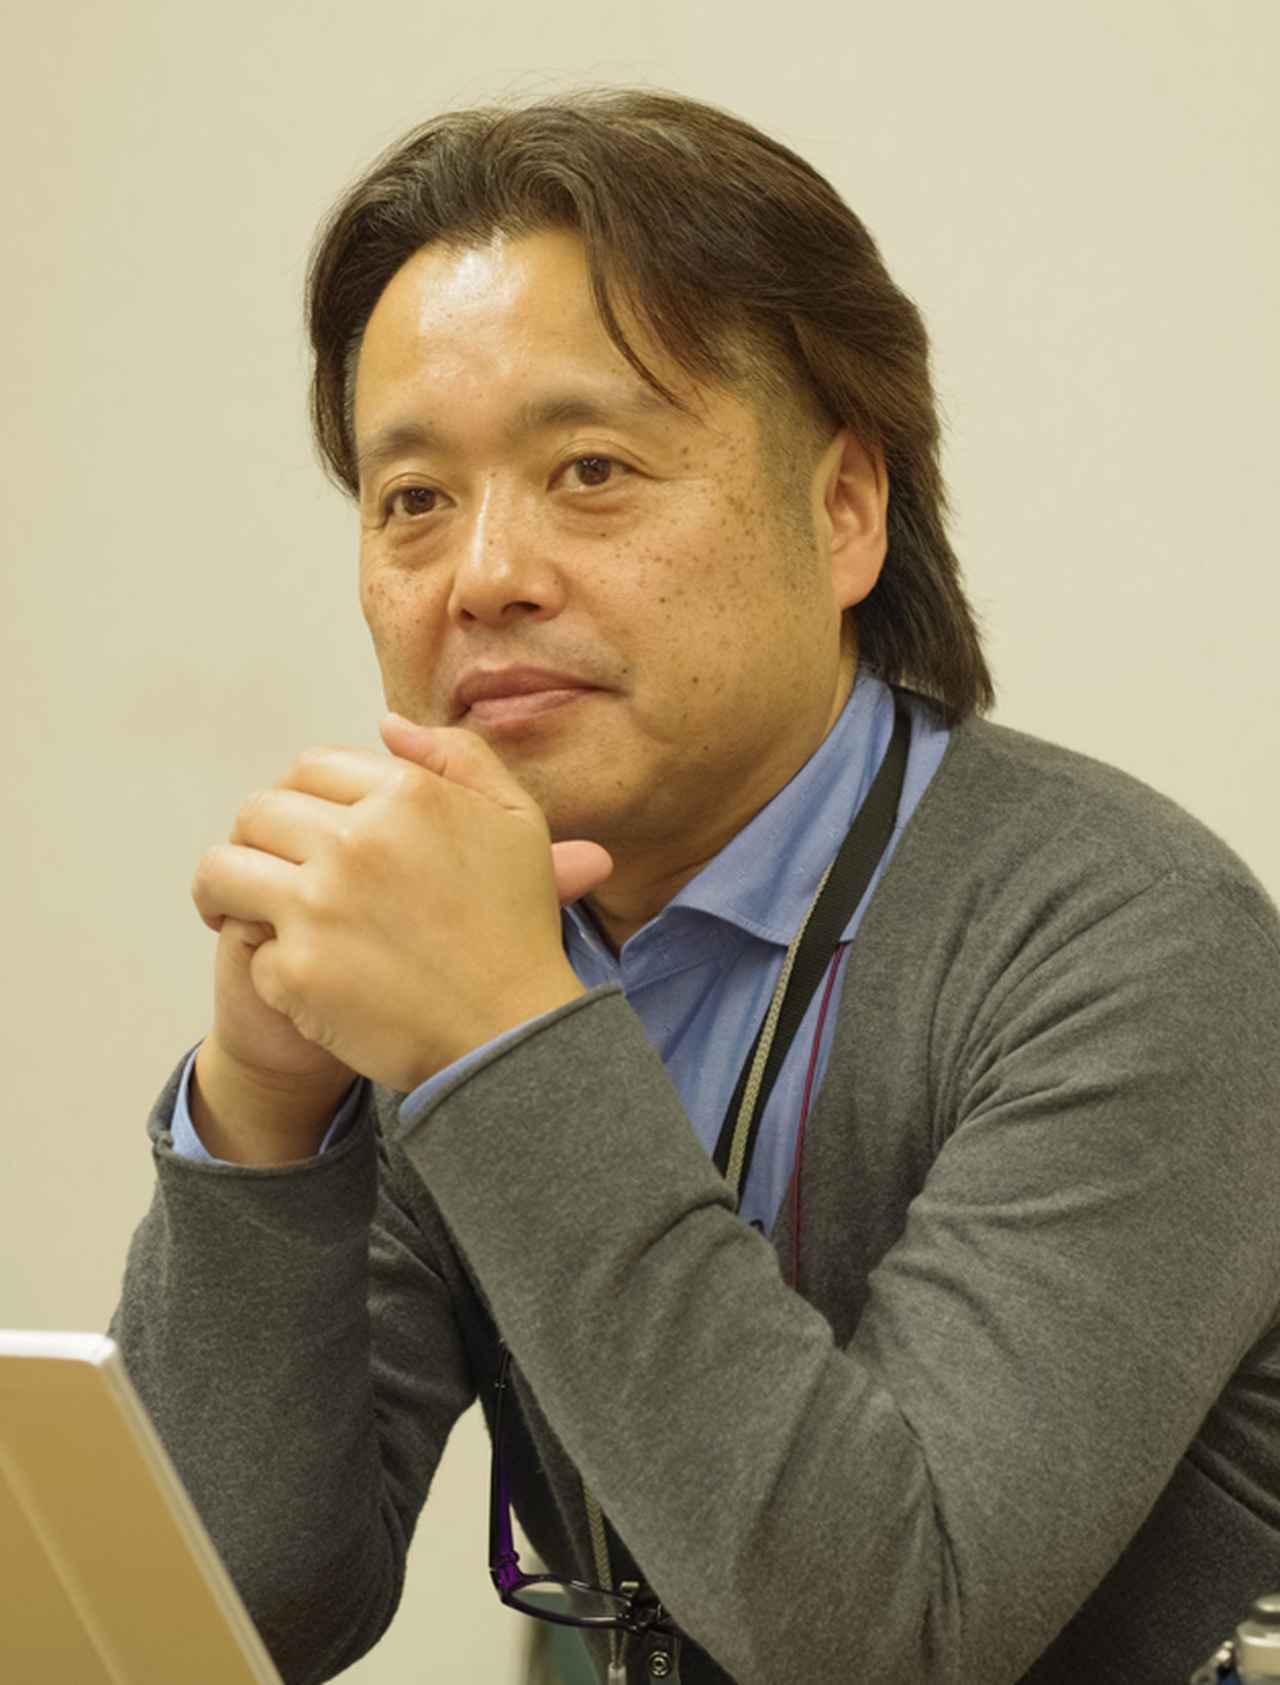 画像: 「内蔵フラッシュは最後に決まりました」 田口一郎 氏(メカ担当)